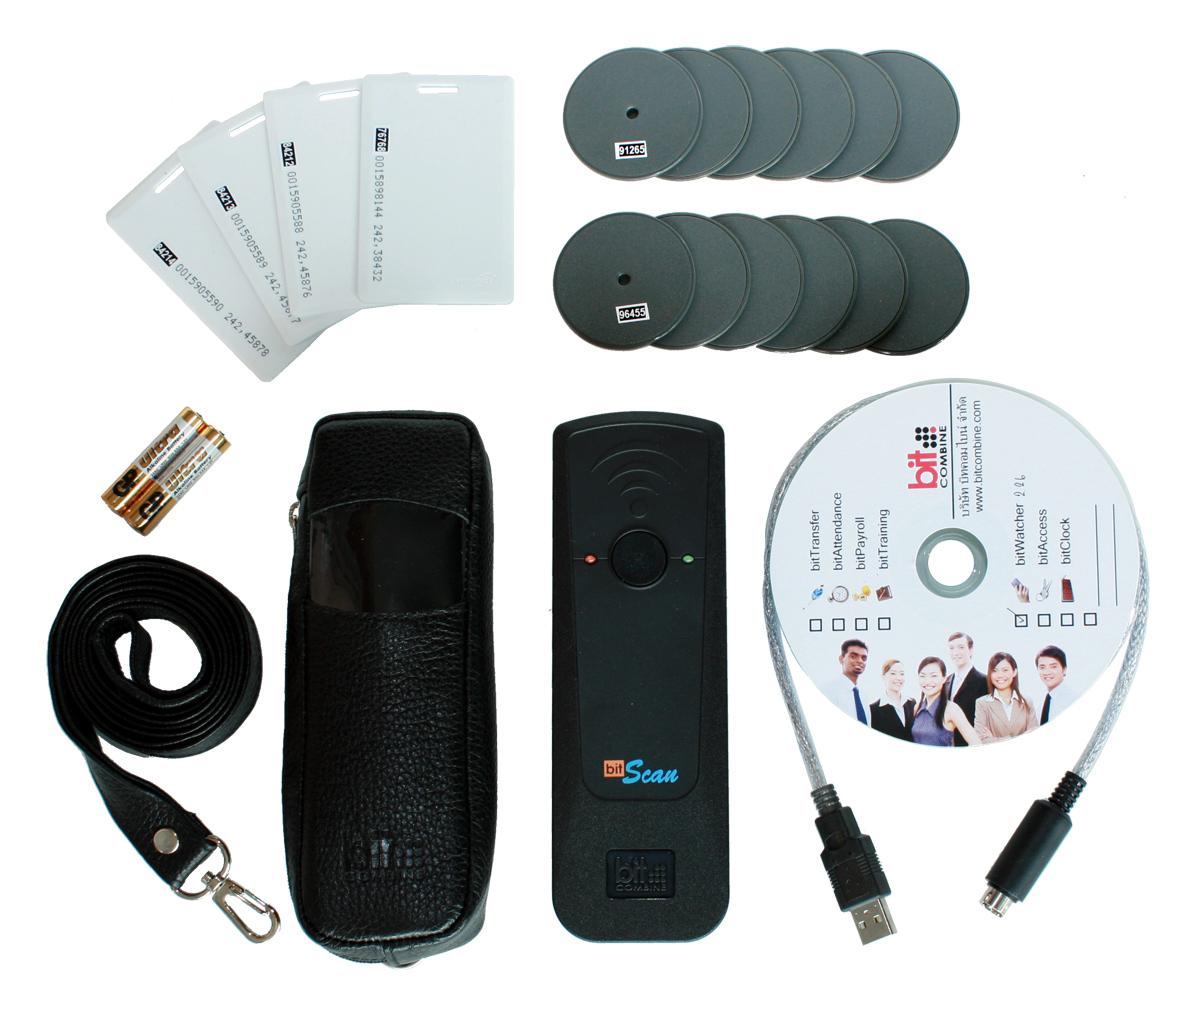 นาฬิกายาม-bitScan-standard-set